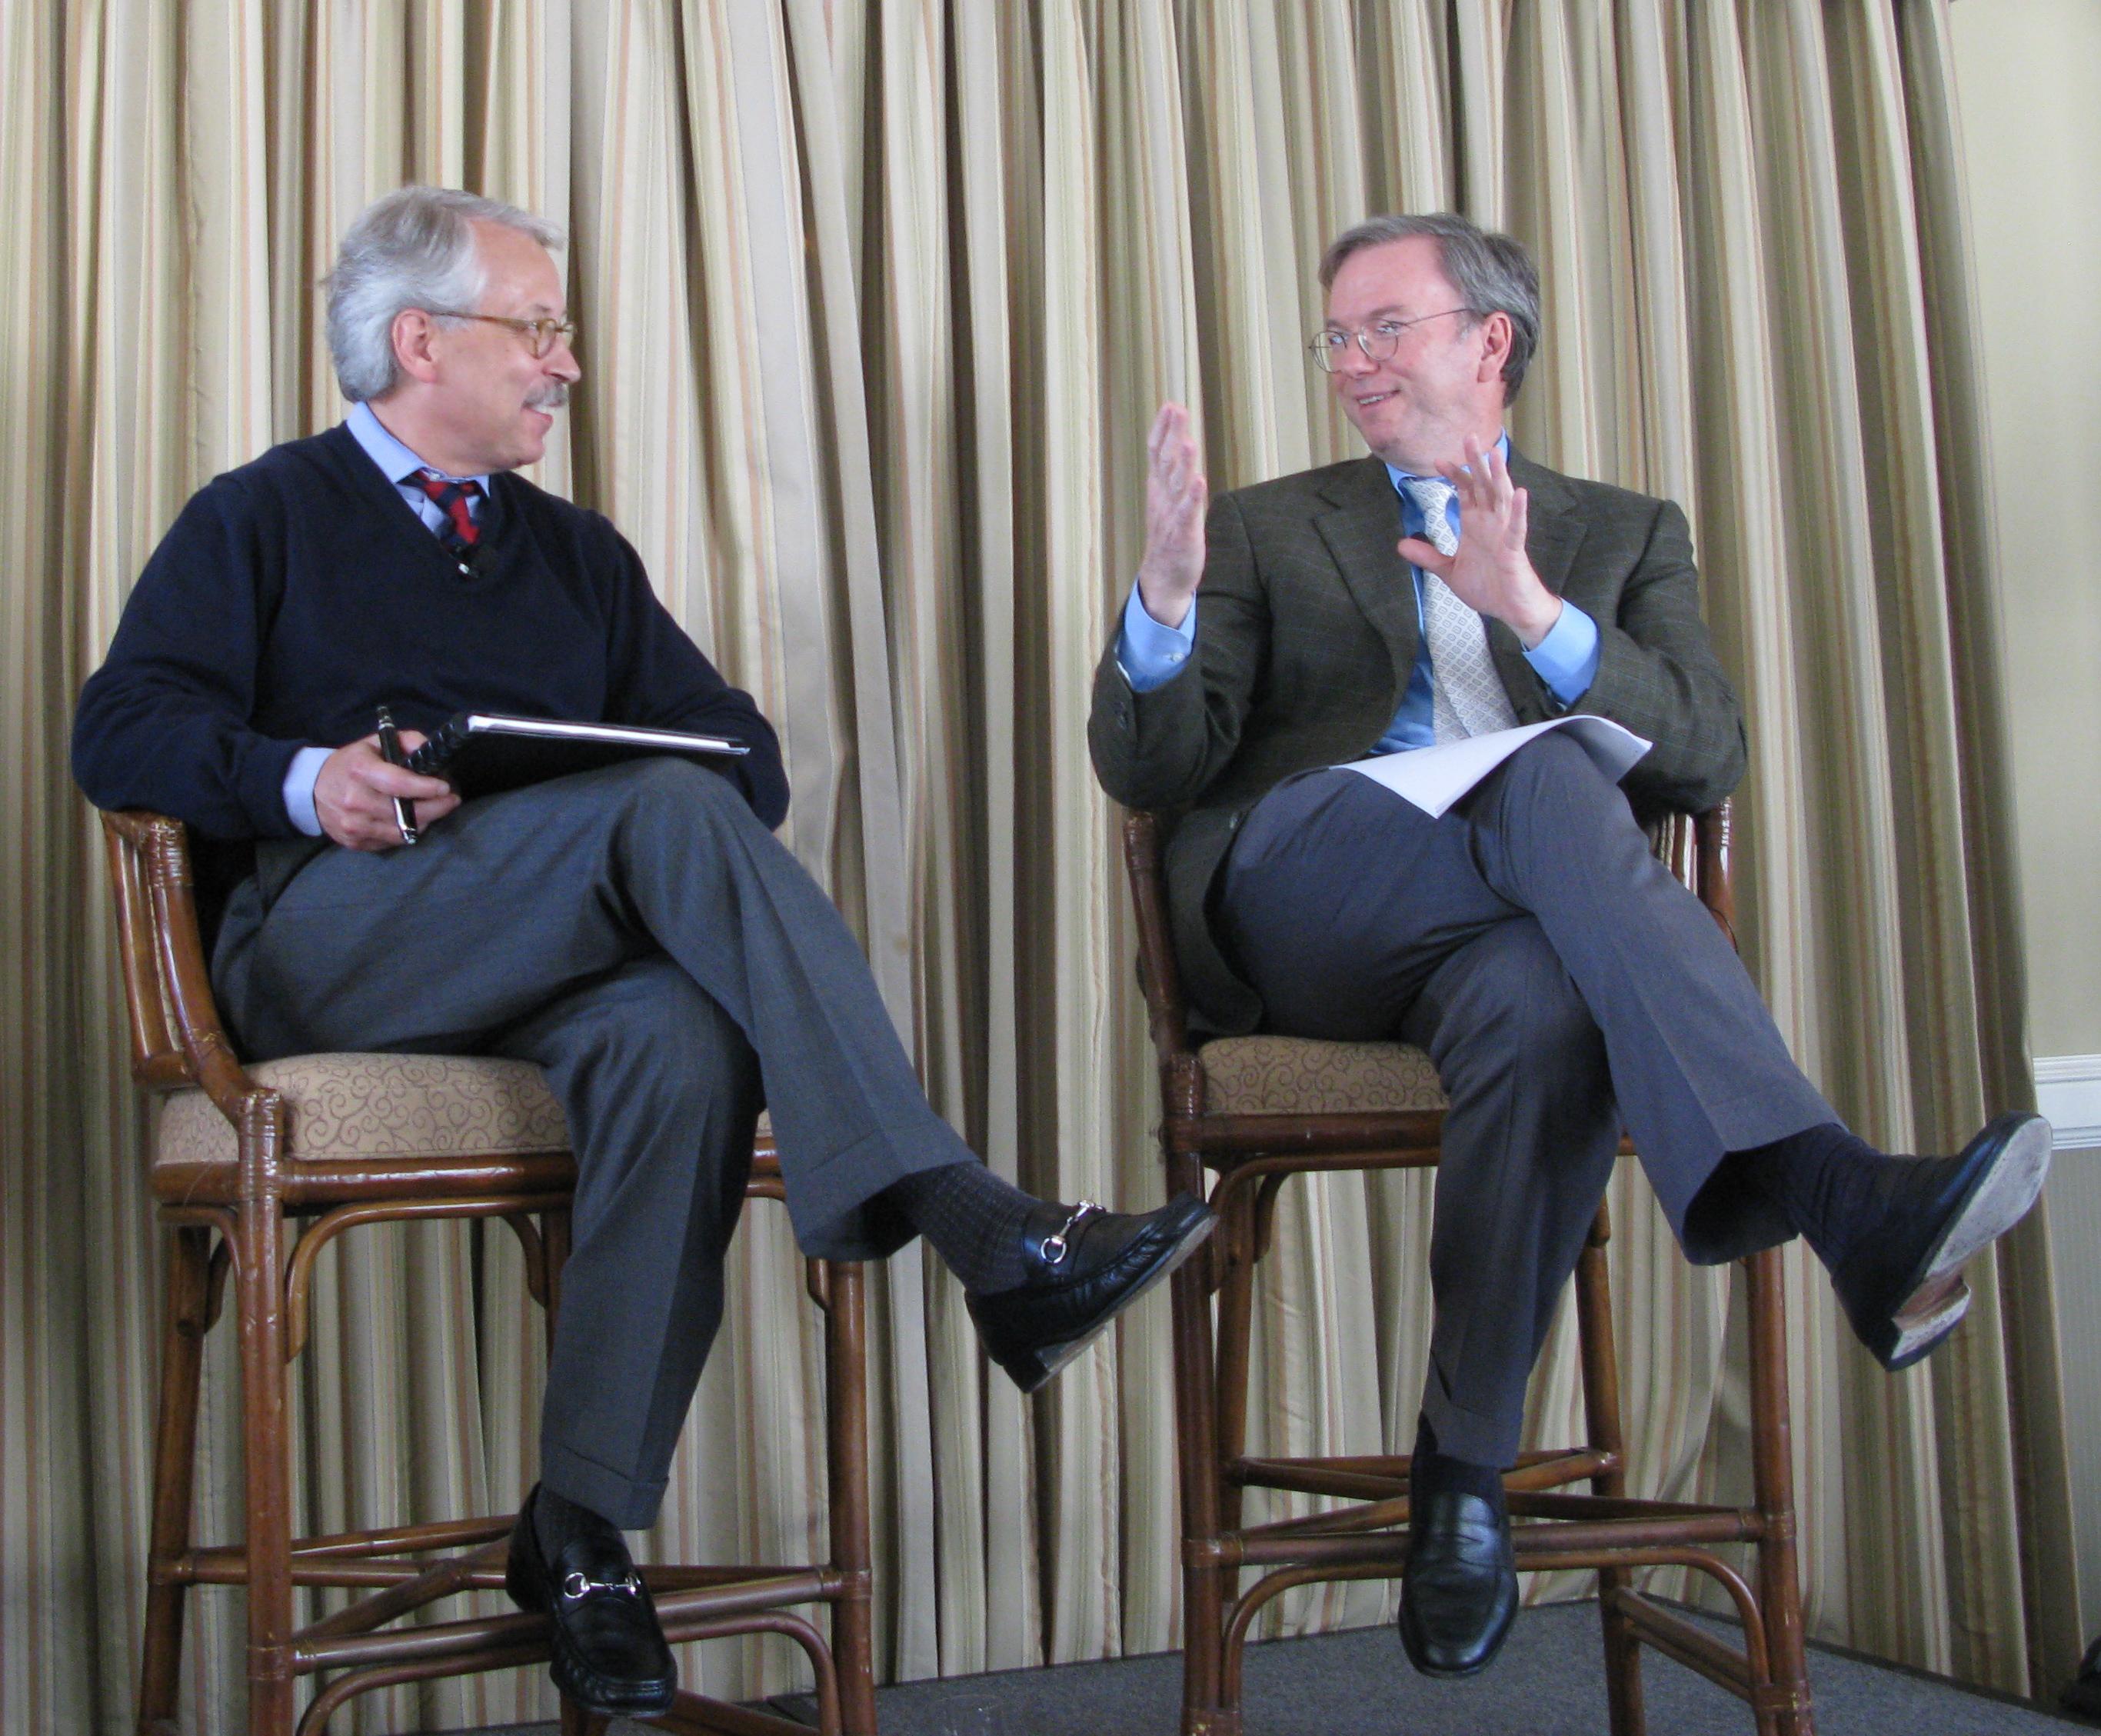 Gary Hamel (left) interviews [[Eric Schmidt]] (right)